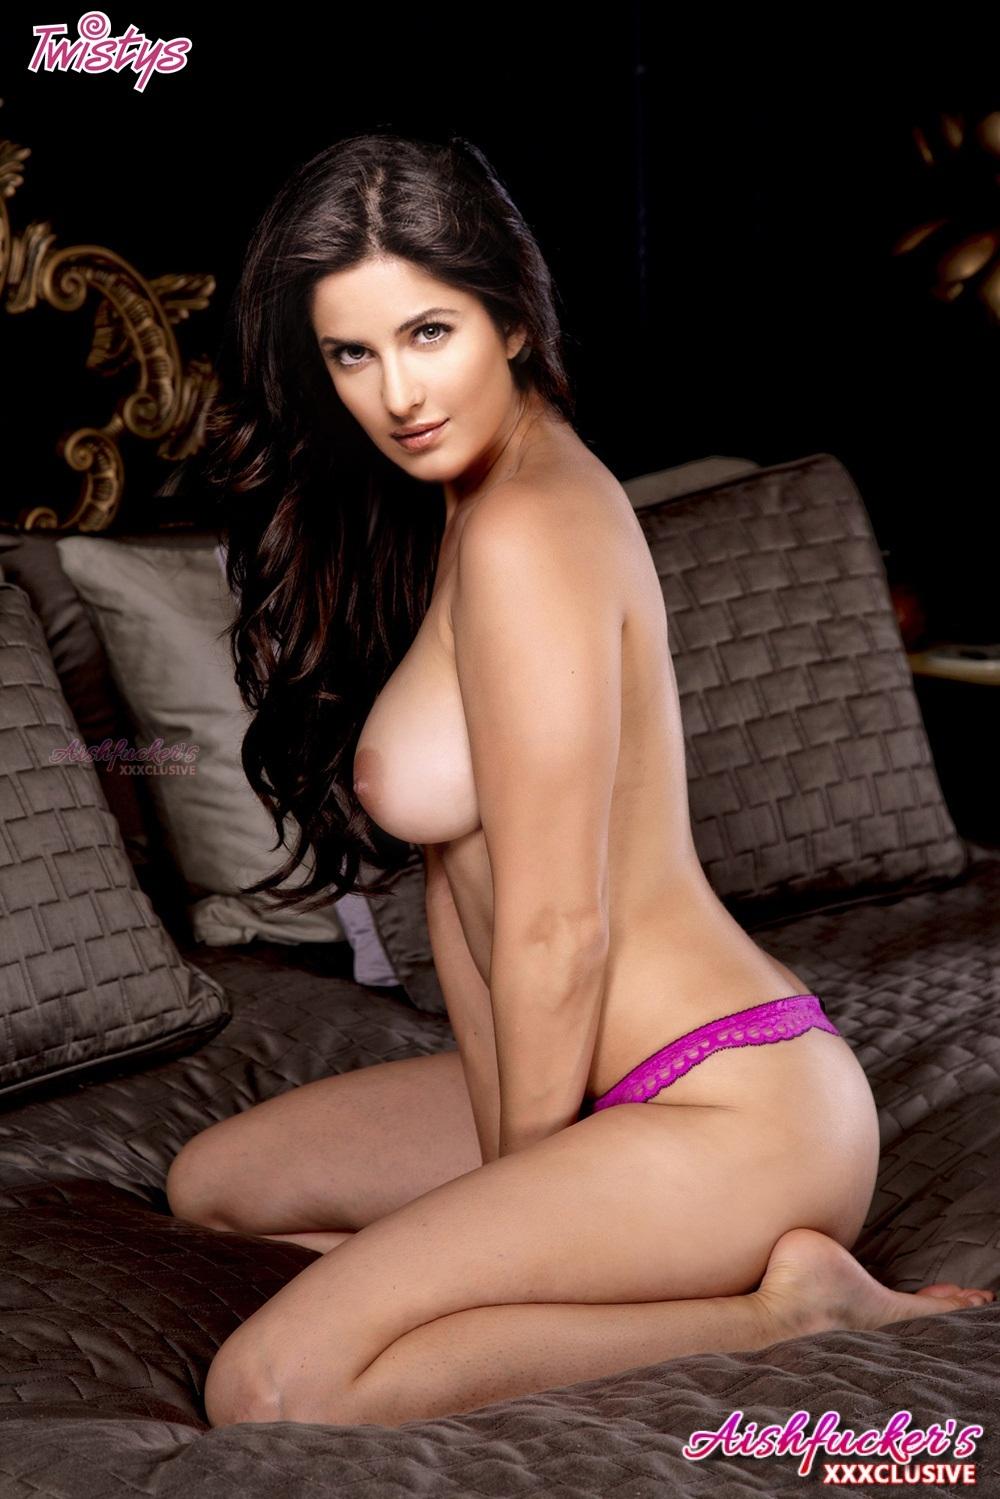 Katrina kaif naked hot photo